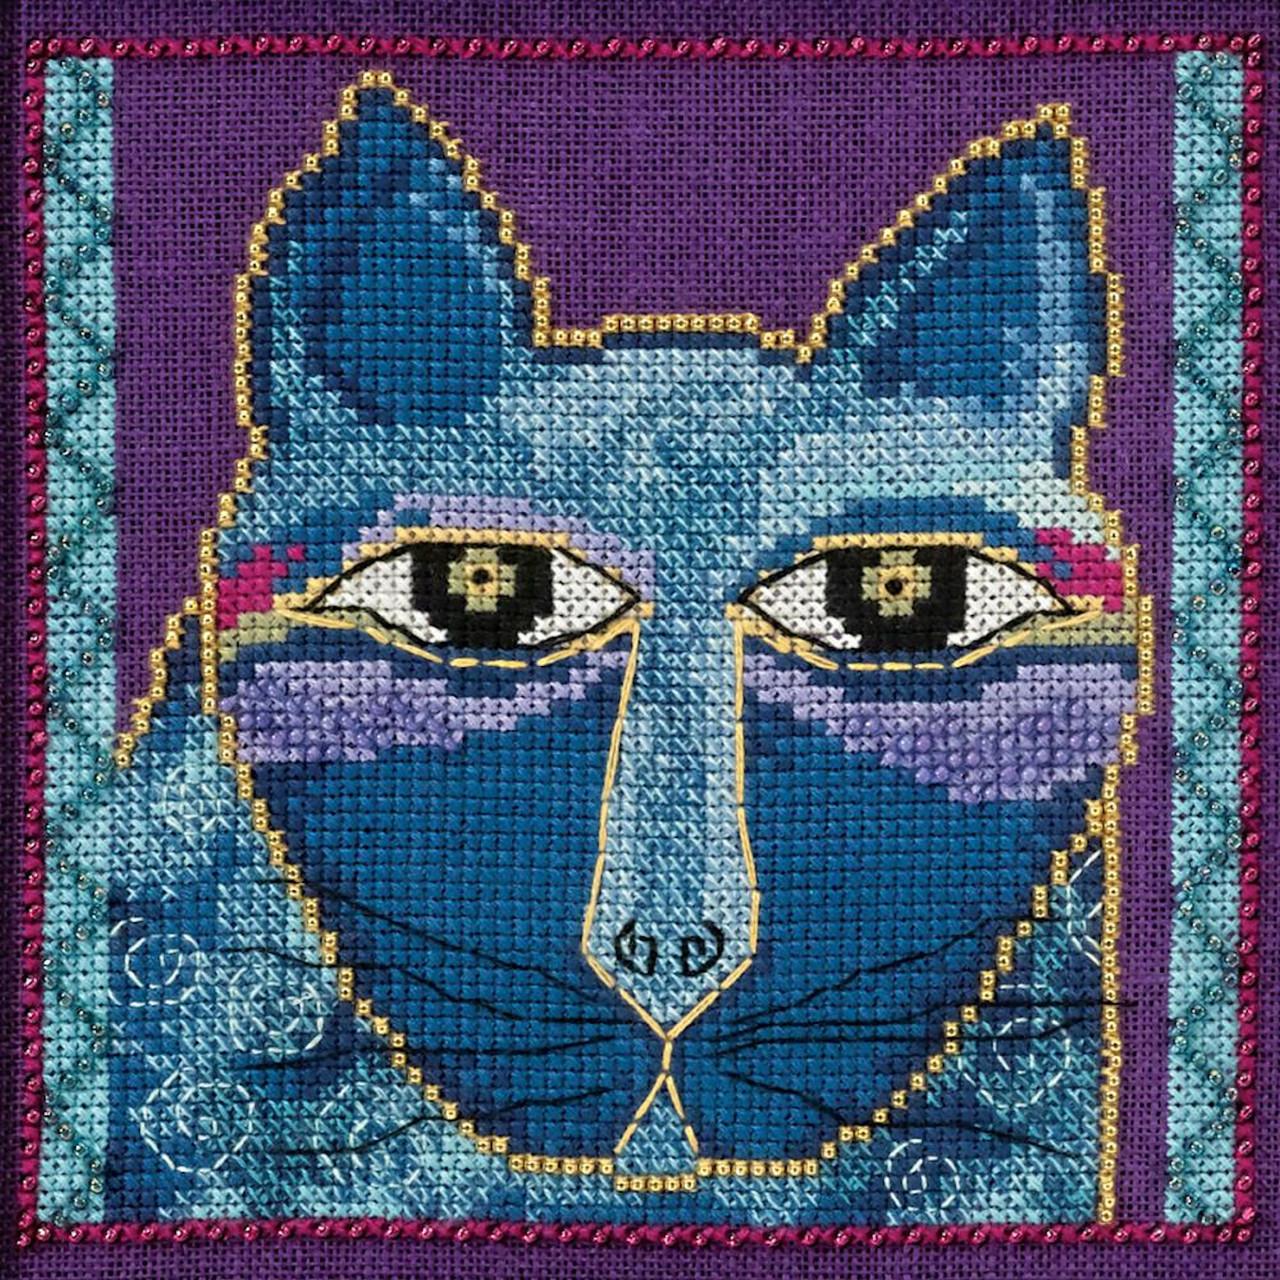 Mill Hill / Laurel Burch - Wild Blue Cat (LINEN)